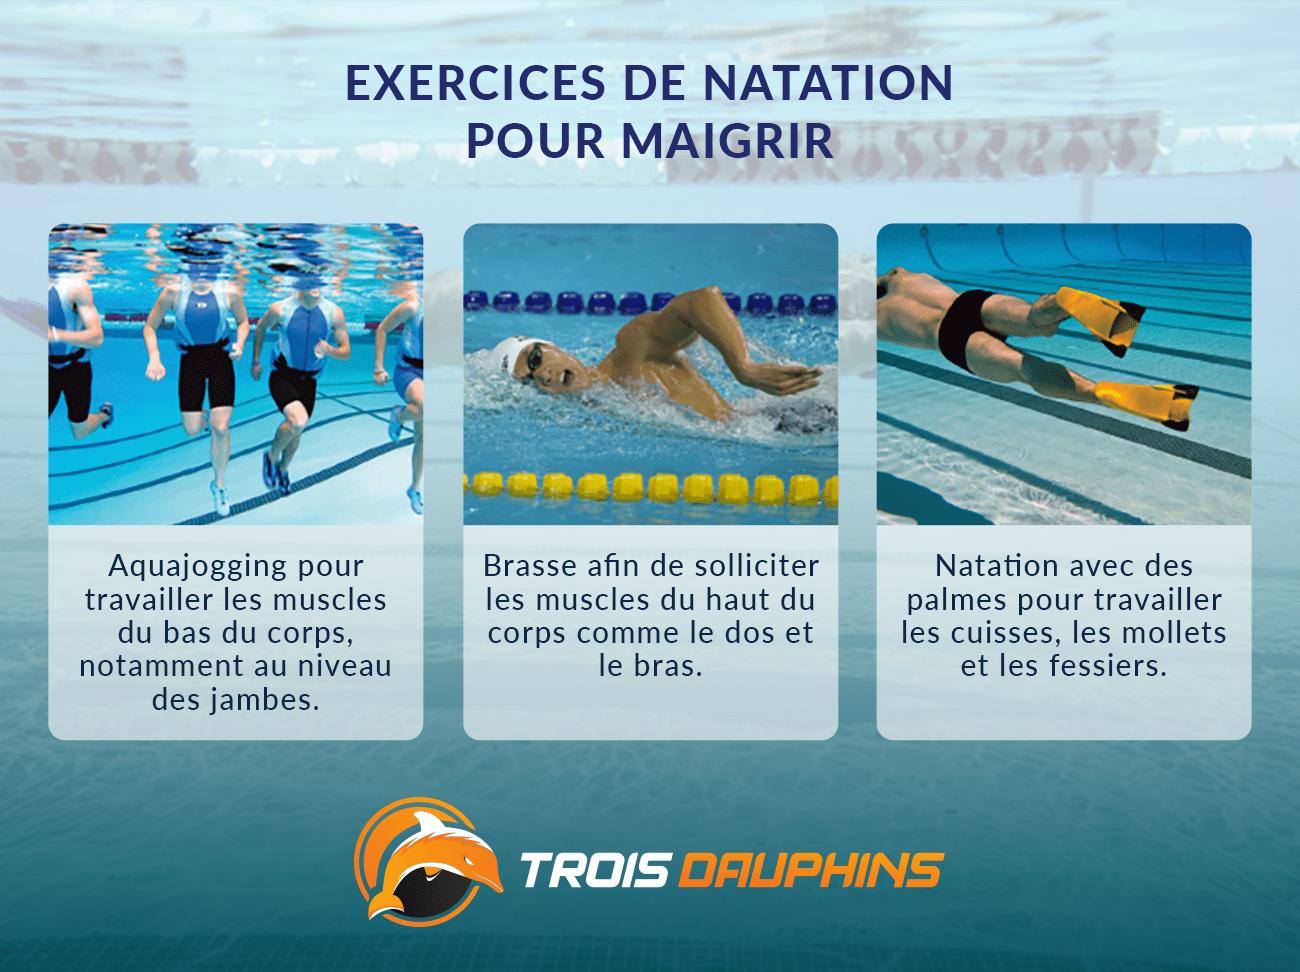 exercices de natation